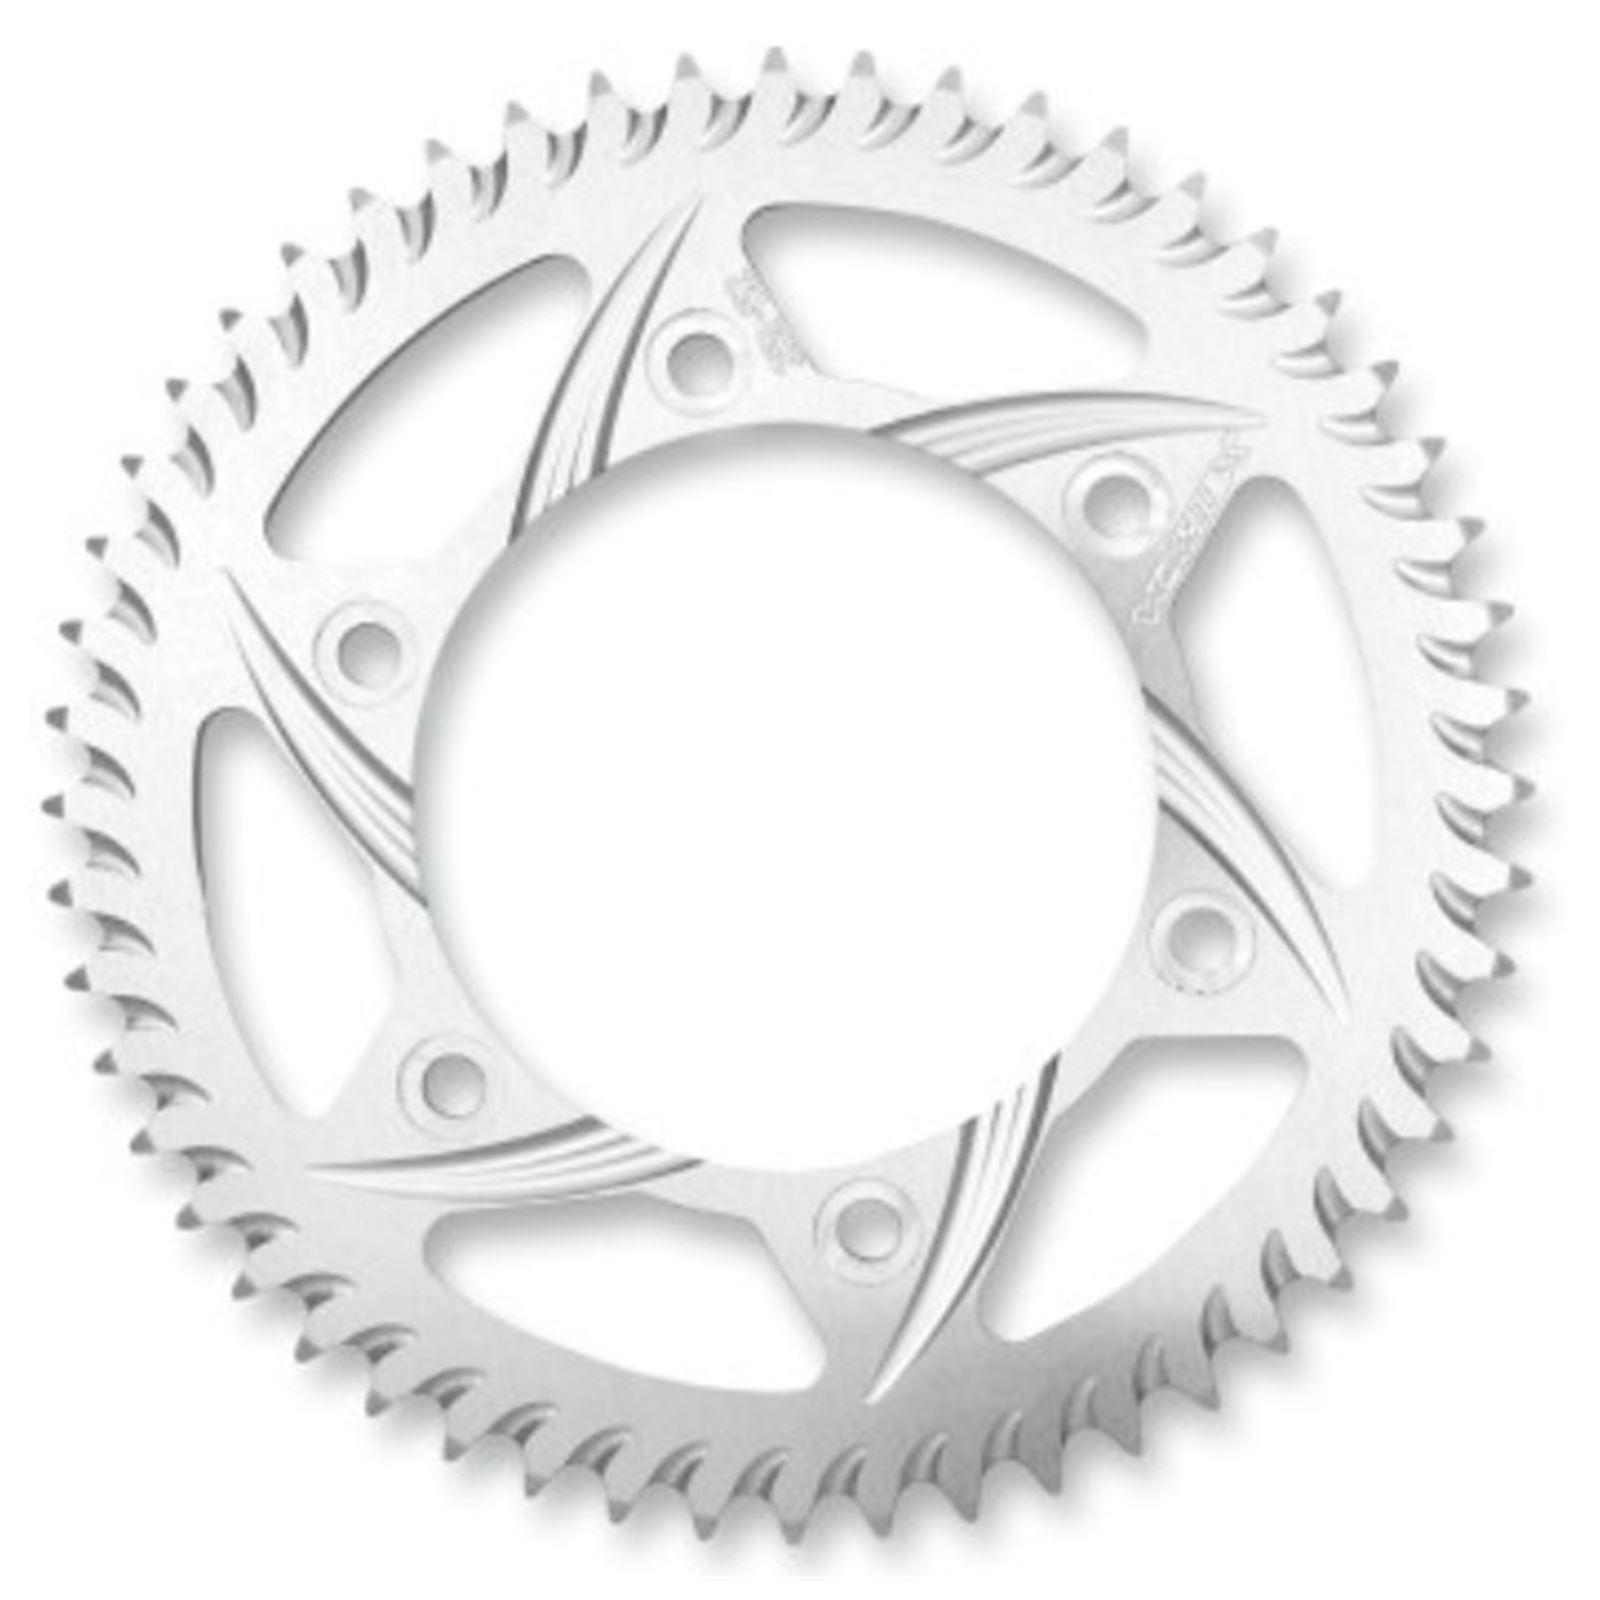 Vortex Aluminum Sprocket - Silver - Rear - 520 - 48-Tooth - KTM